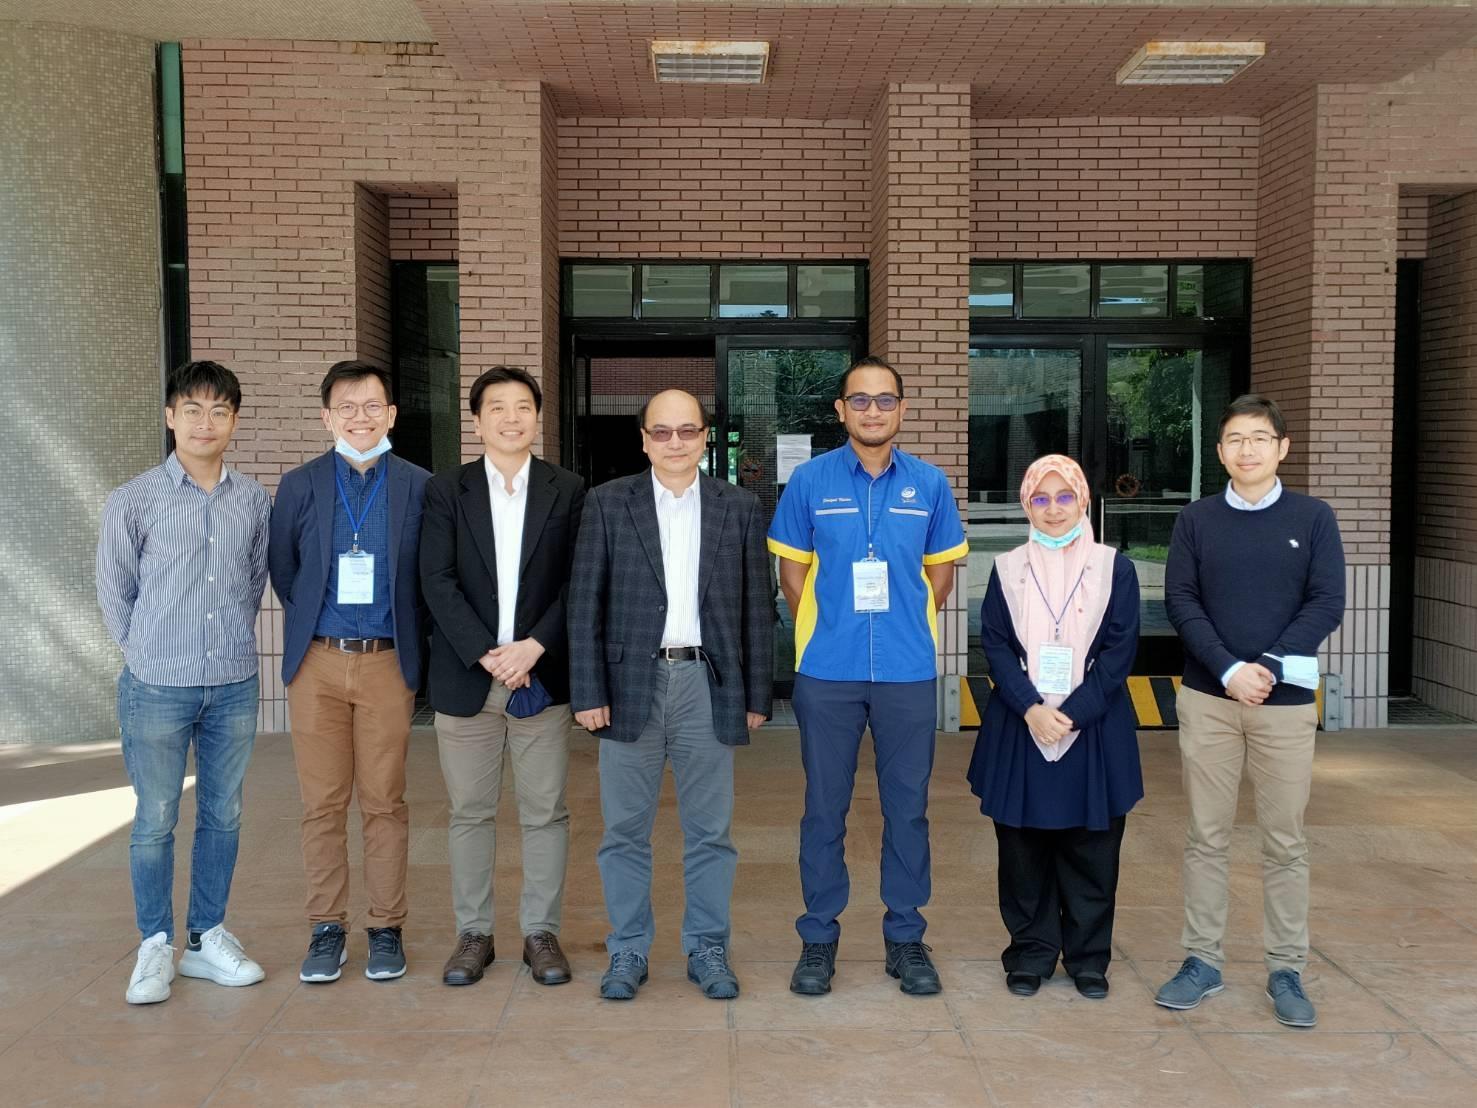 馬來西亞大學玻璃市分校前來清華大學進行標竿學習照片集